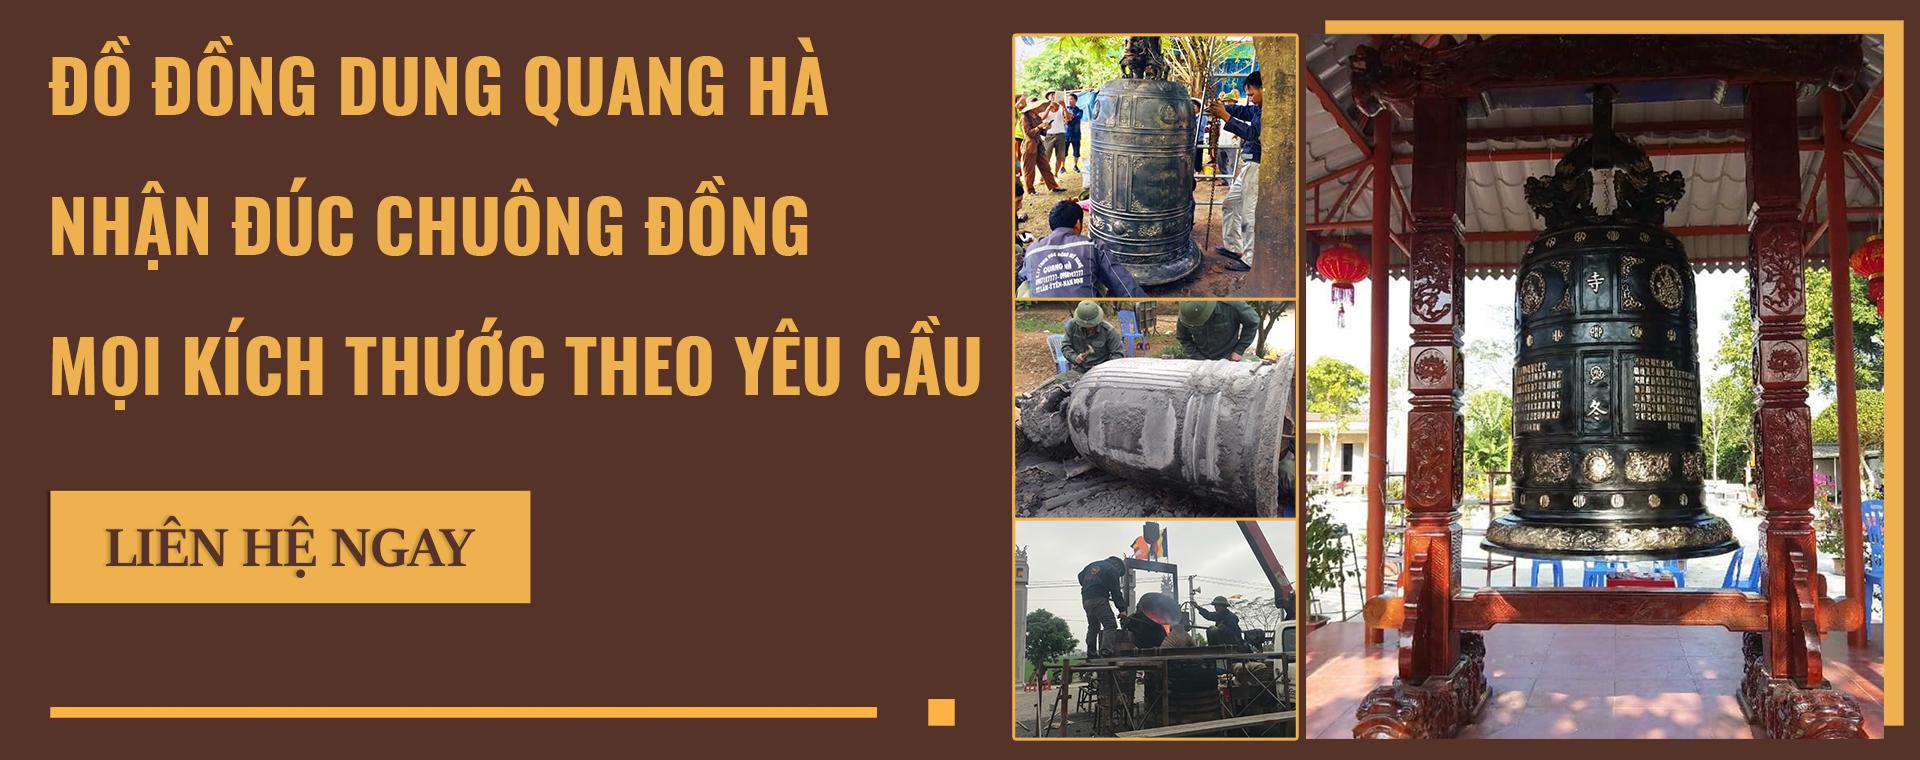 do-dong-dung-quang-ha-nhan-duc-chuong-dong-moi-kich-thuoc-theo-yeu-cau